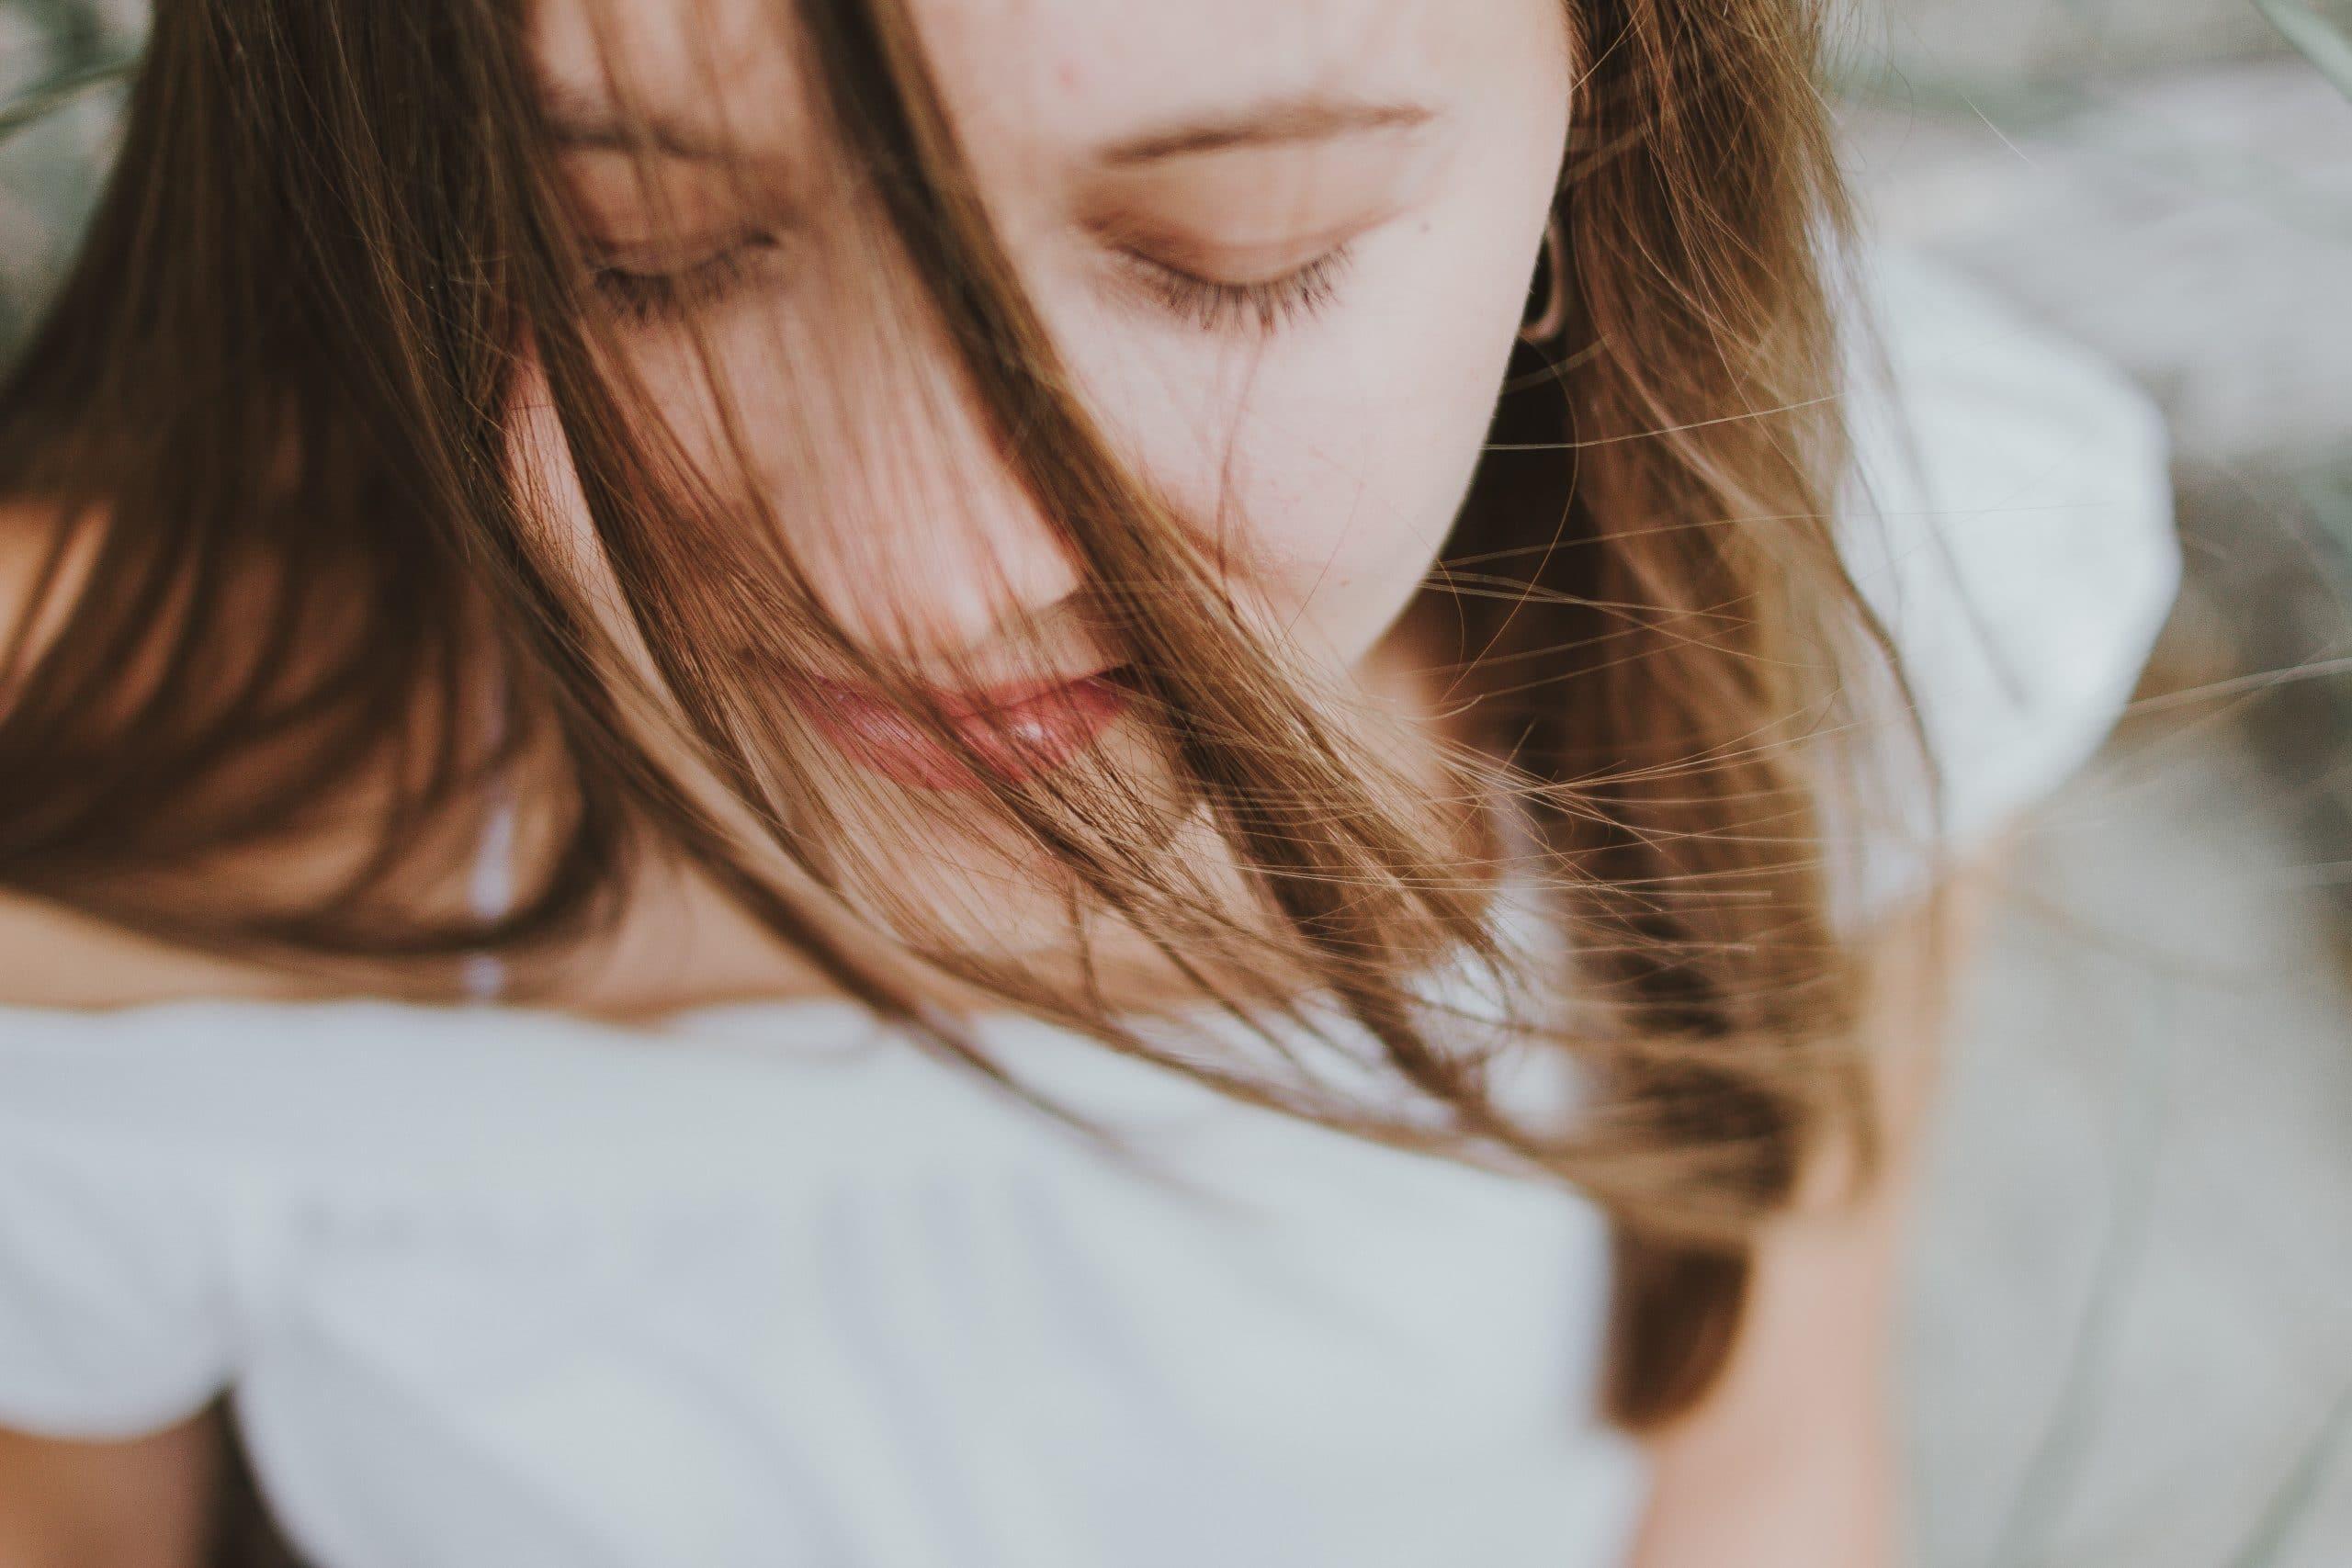 Mulher com cabelos no rosto